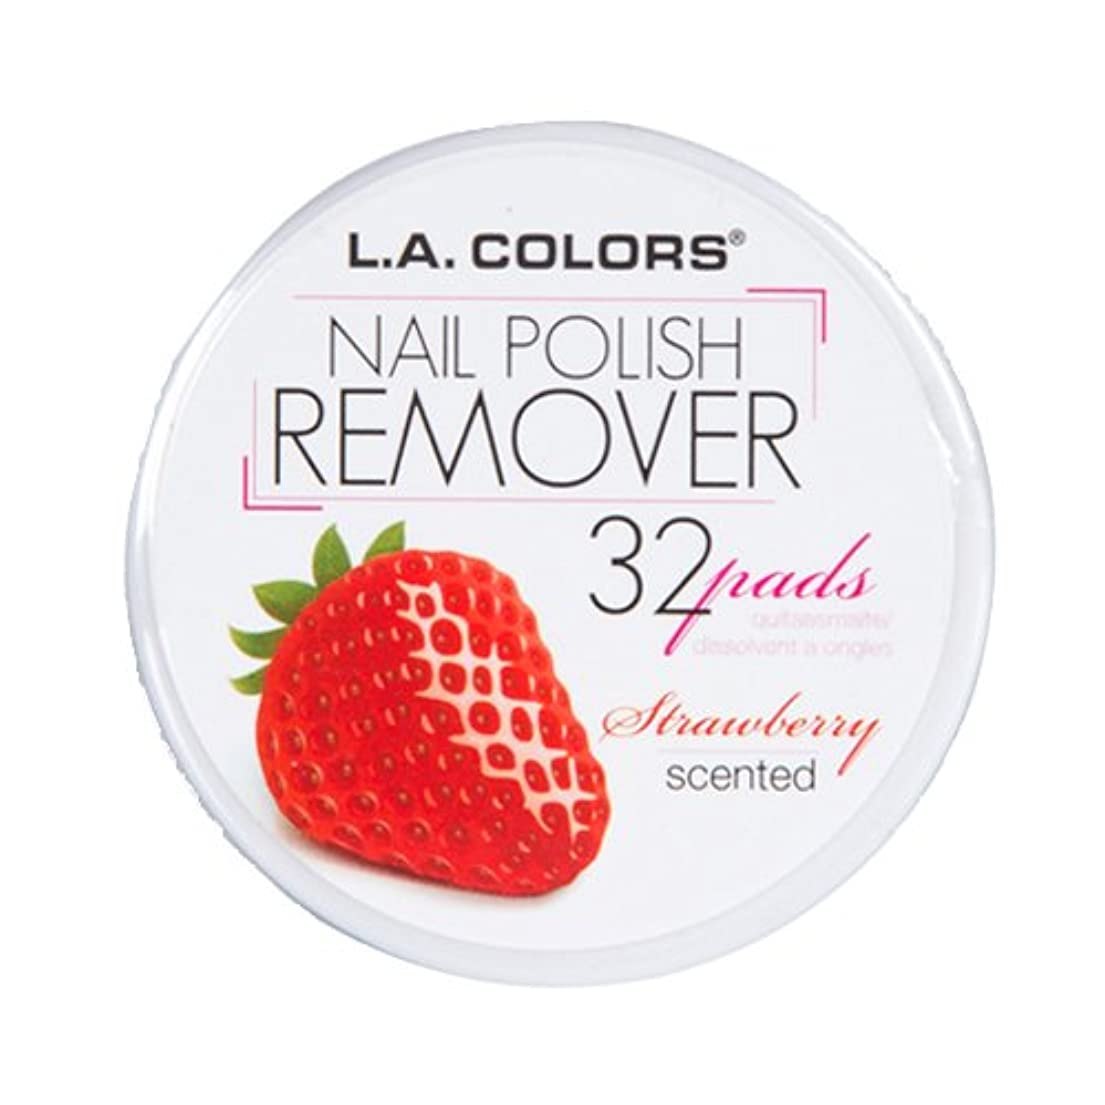 ジャーナルコロニー弾薬(3 Pack) L.A. COLORS Nail Polish Remover Pads - Strawberry (並行輸入品)